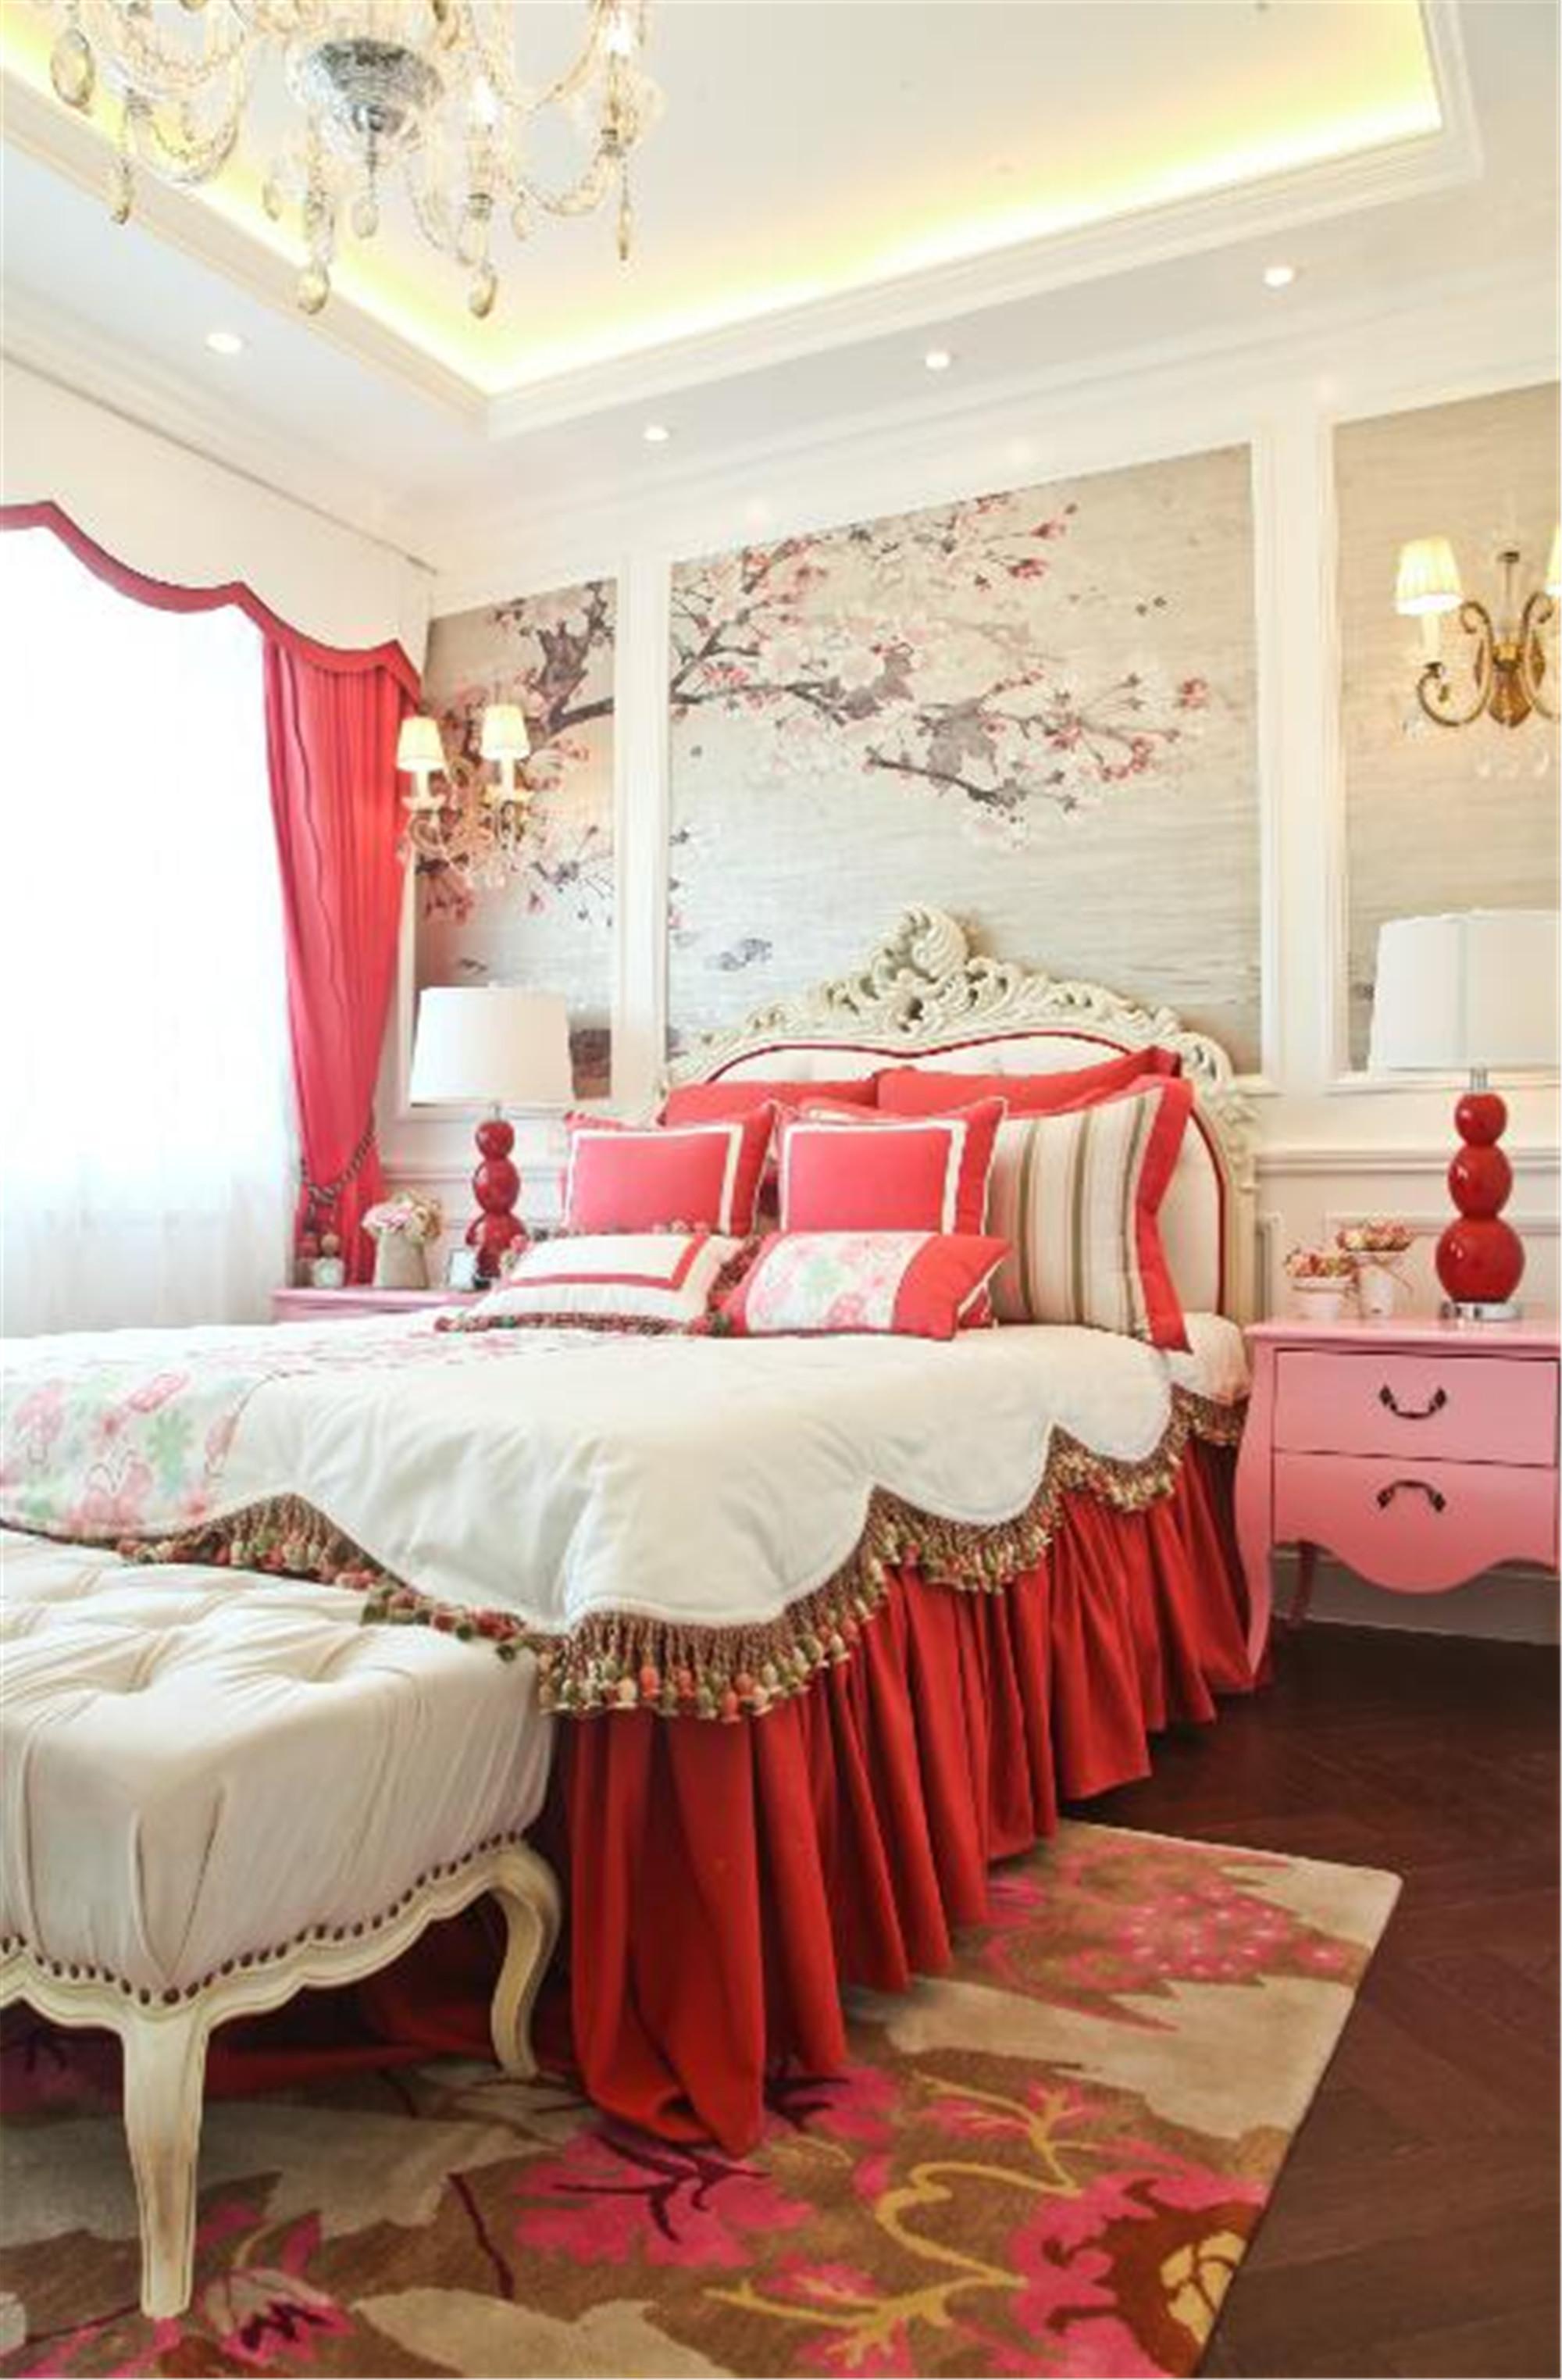 法式风格别墅装修卧室搭配图